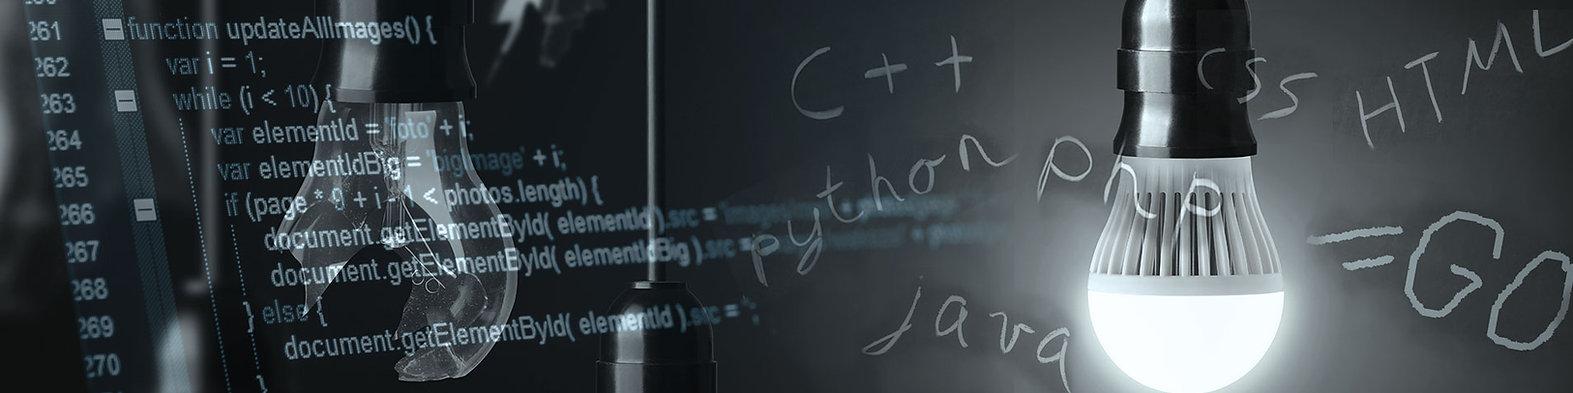 Headerbild der Jobanzeige (Junior)Full Stack Web Developer (m/w) bei der IT-Firma TECXIPIO in Karlsruhe. Weiterhin sind Glühbirnen und Bezeichnungen für Programmiersprachen zu sehen.